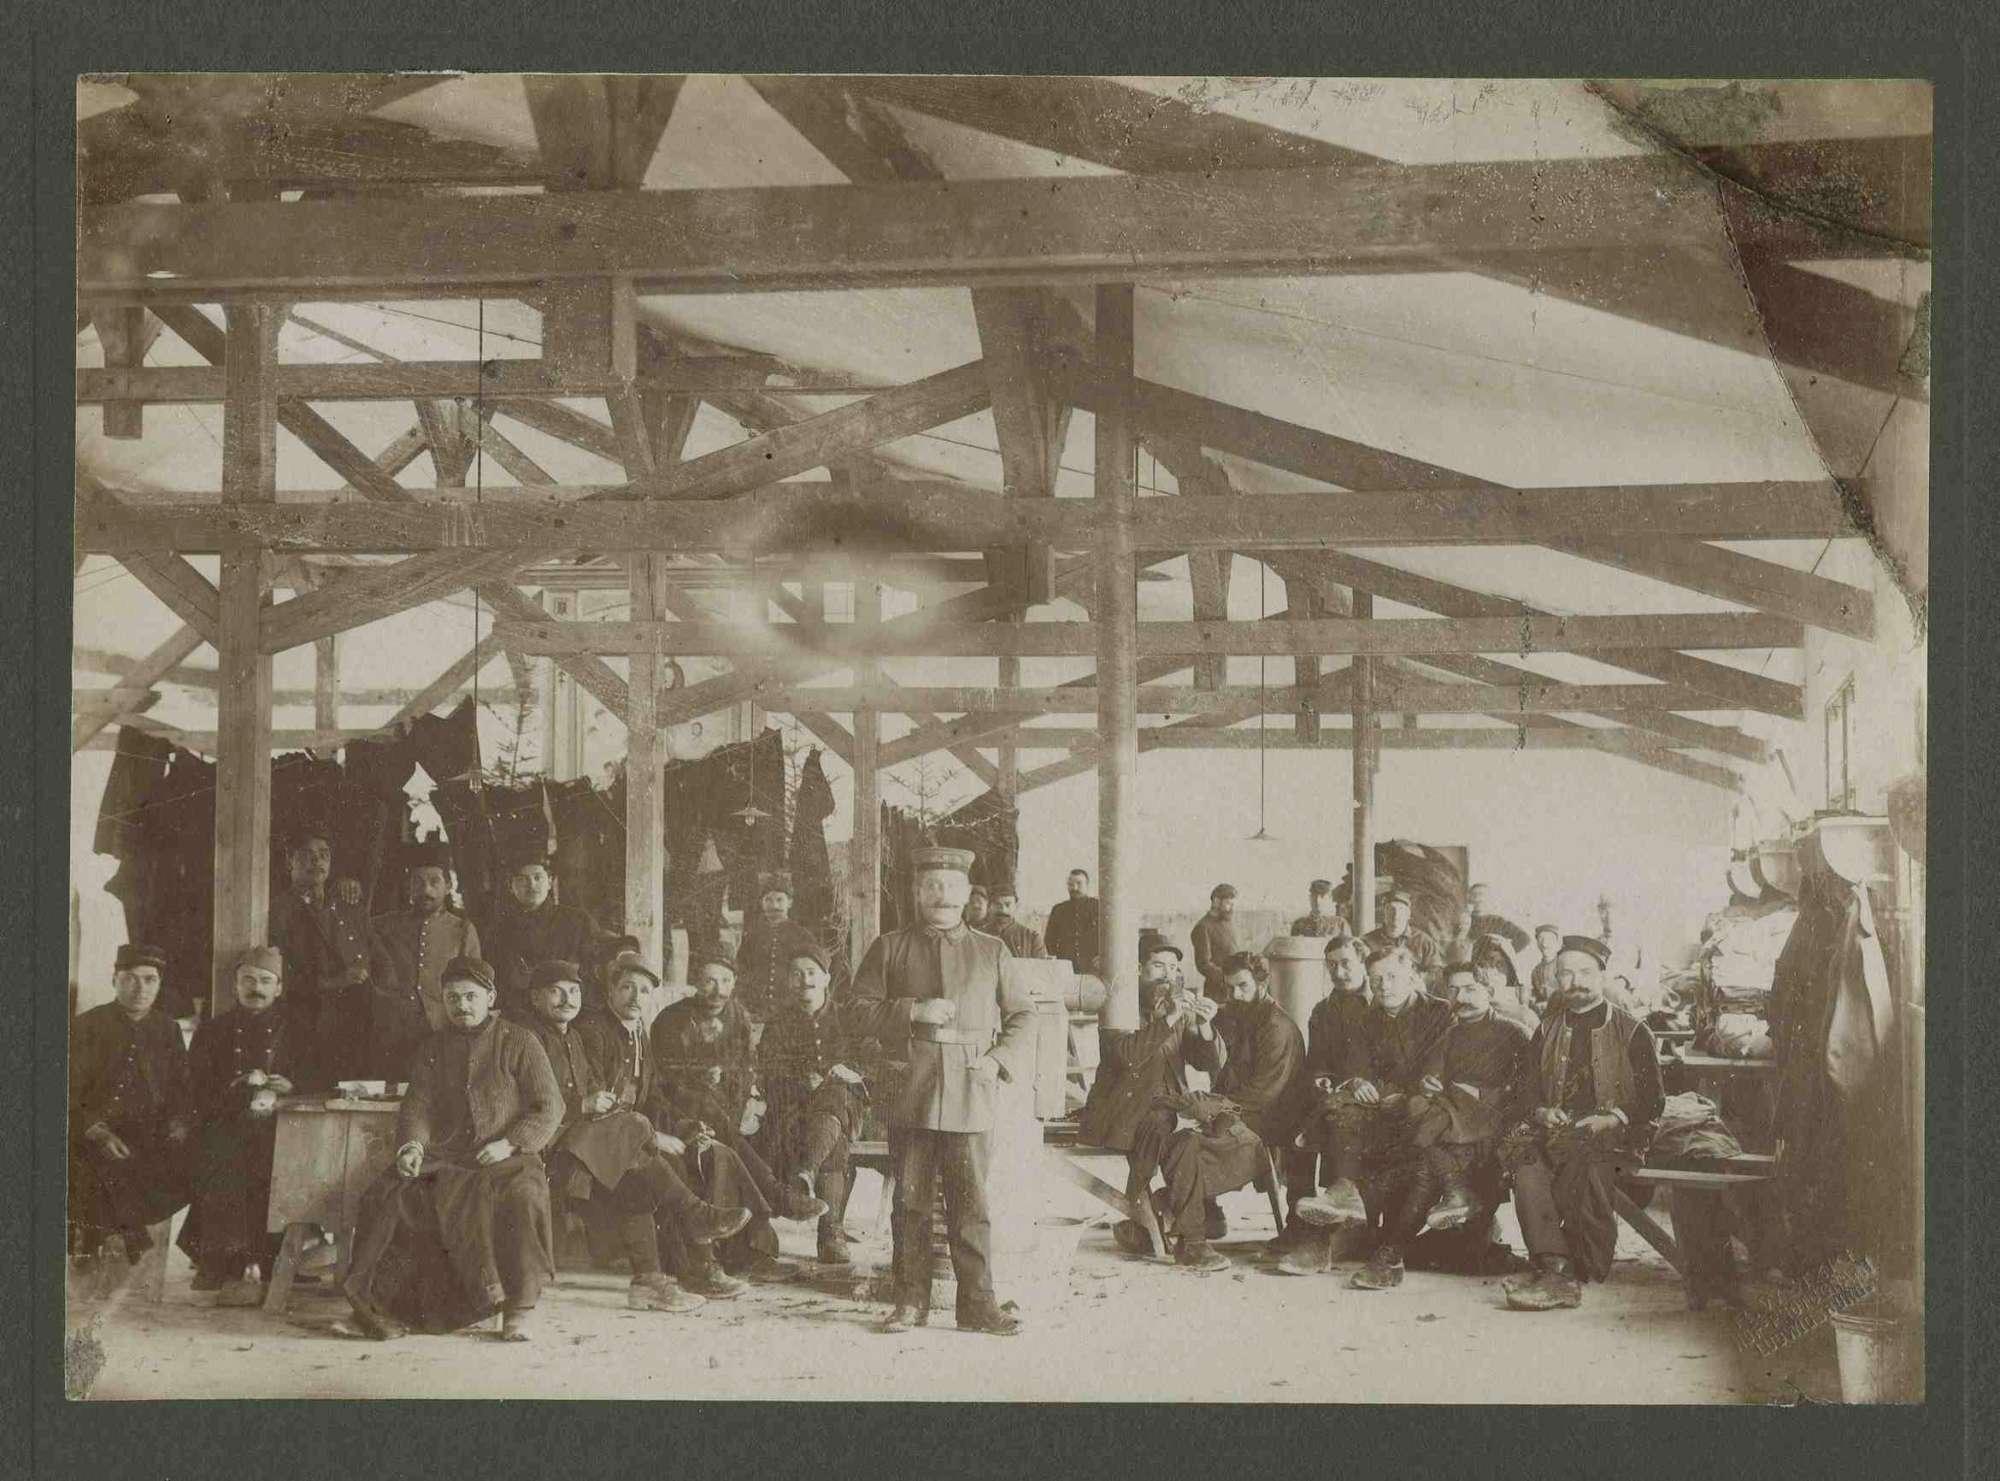 Ca. 24 Kriegsgefangene bei Flickarbeiten an Kleidungsstücken, Kriegsgefangenenlager Ludwigsburg-Eglosheim, Bild 1